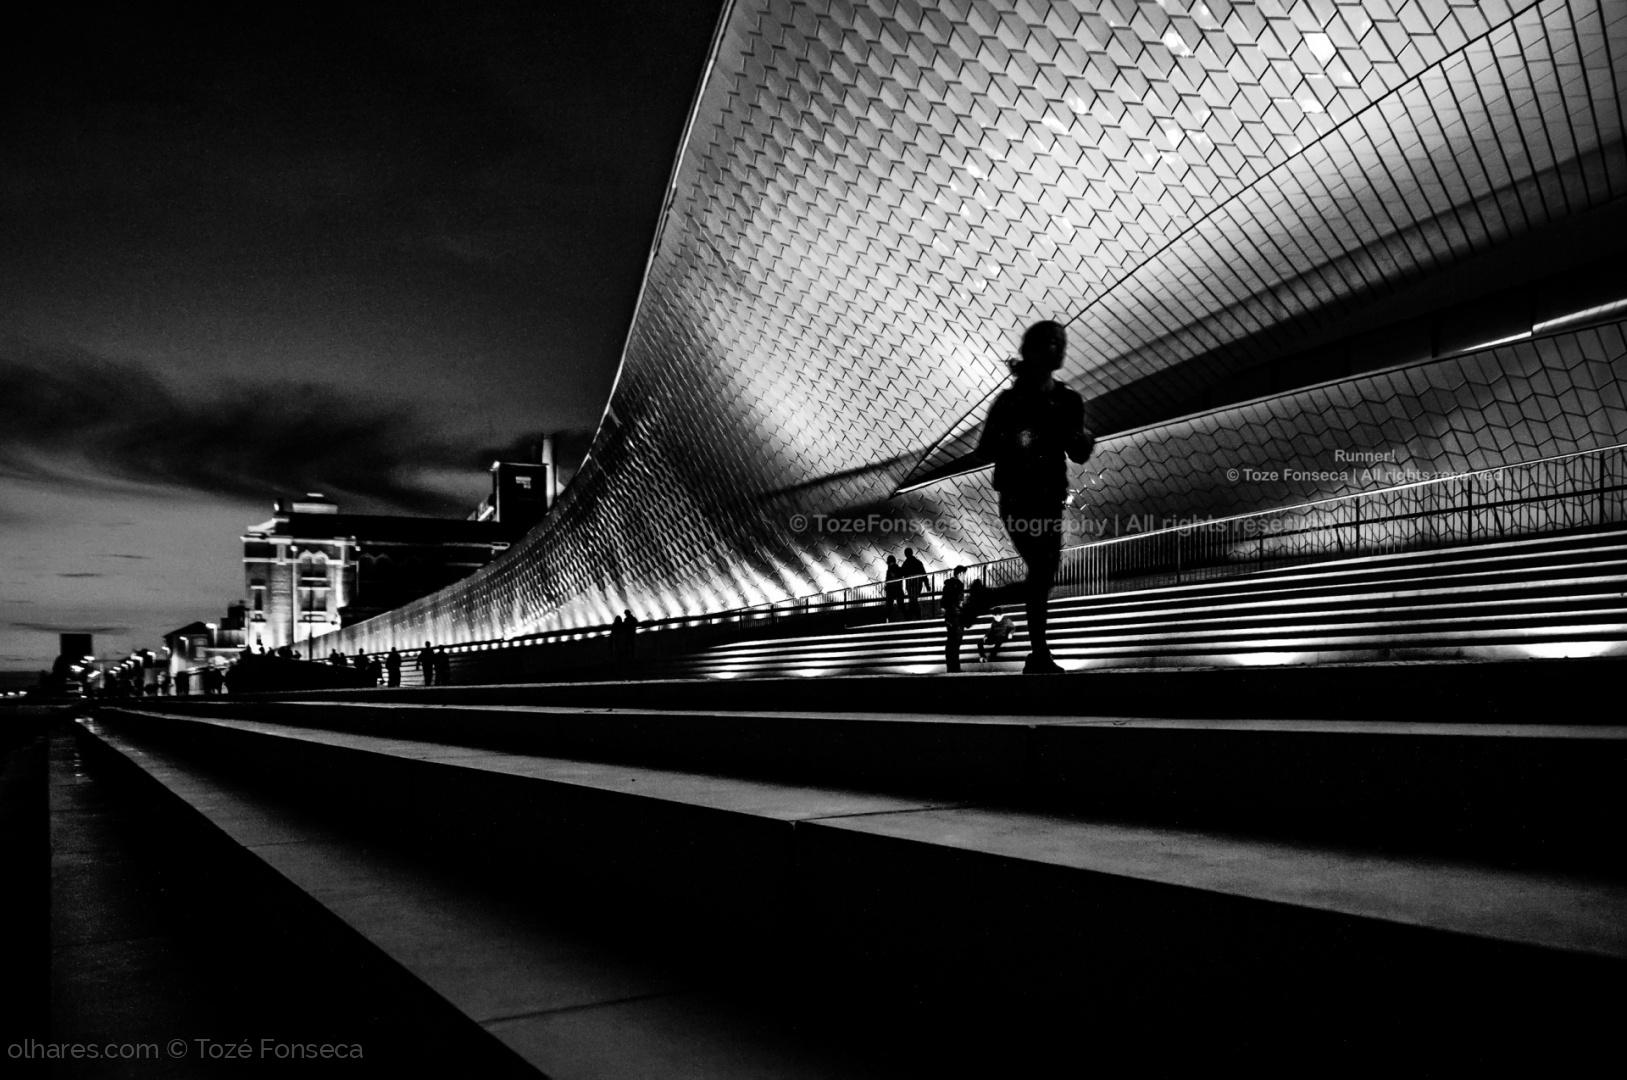 © Tozé Fonseca - Runner!